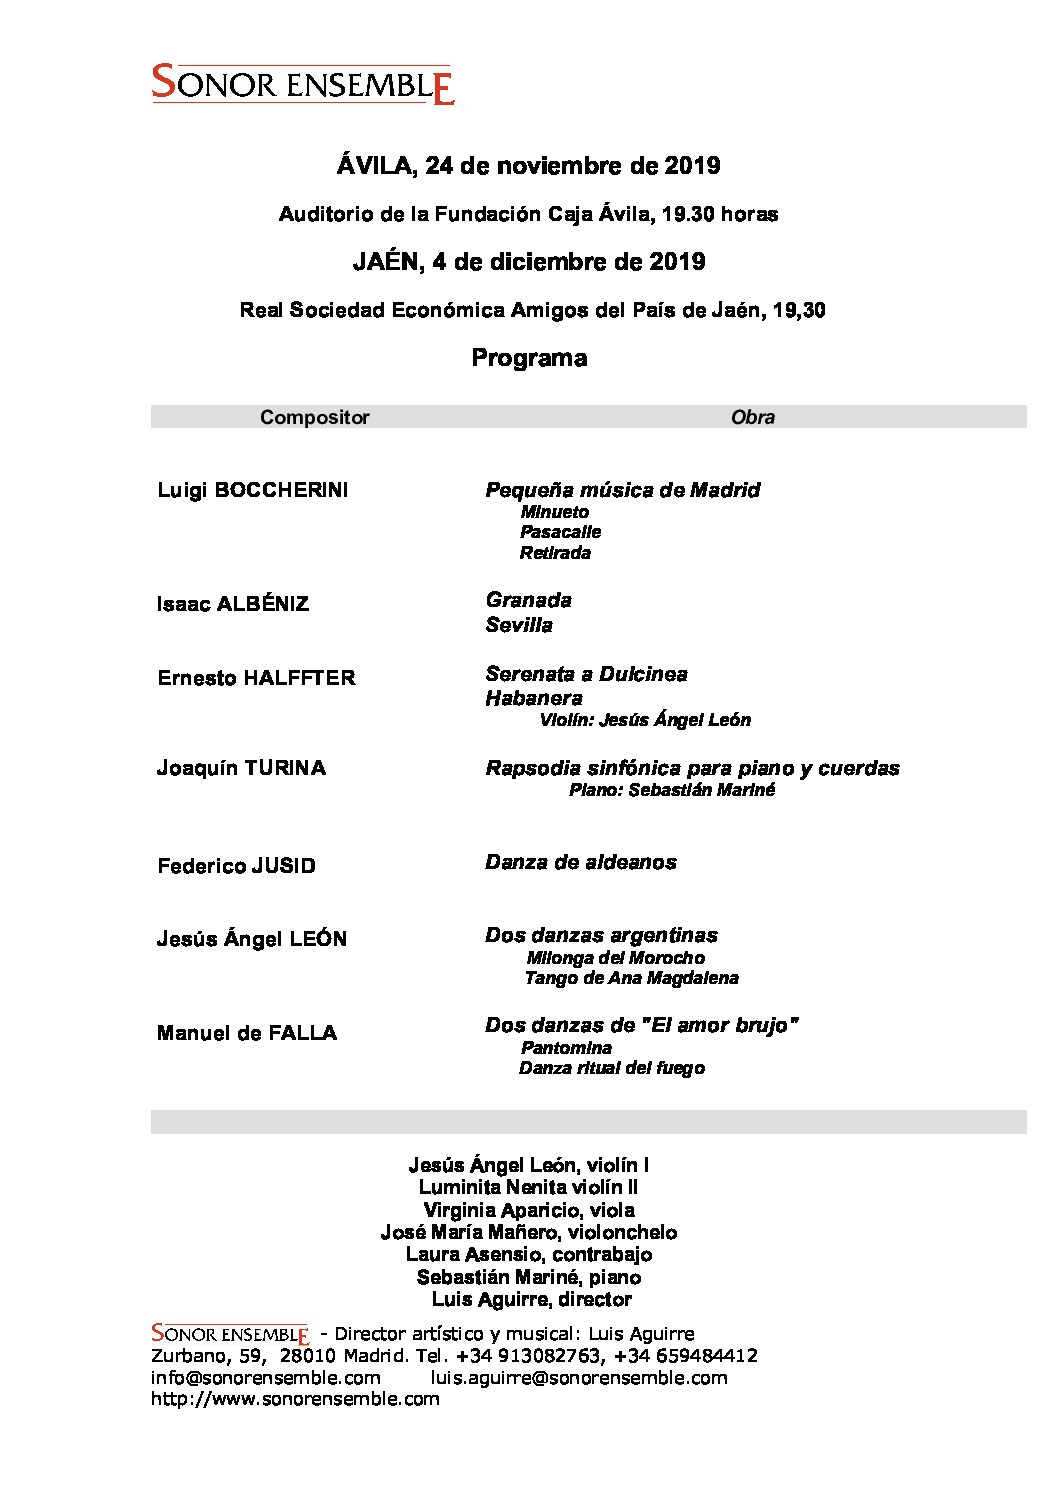 Sonor Ensemble lleva obras de Jusid y León a Ávila y Jaén